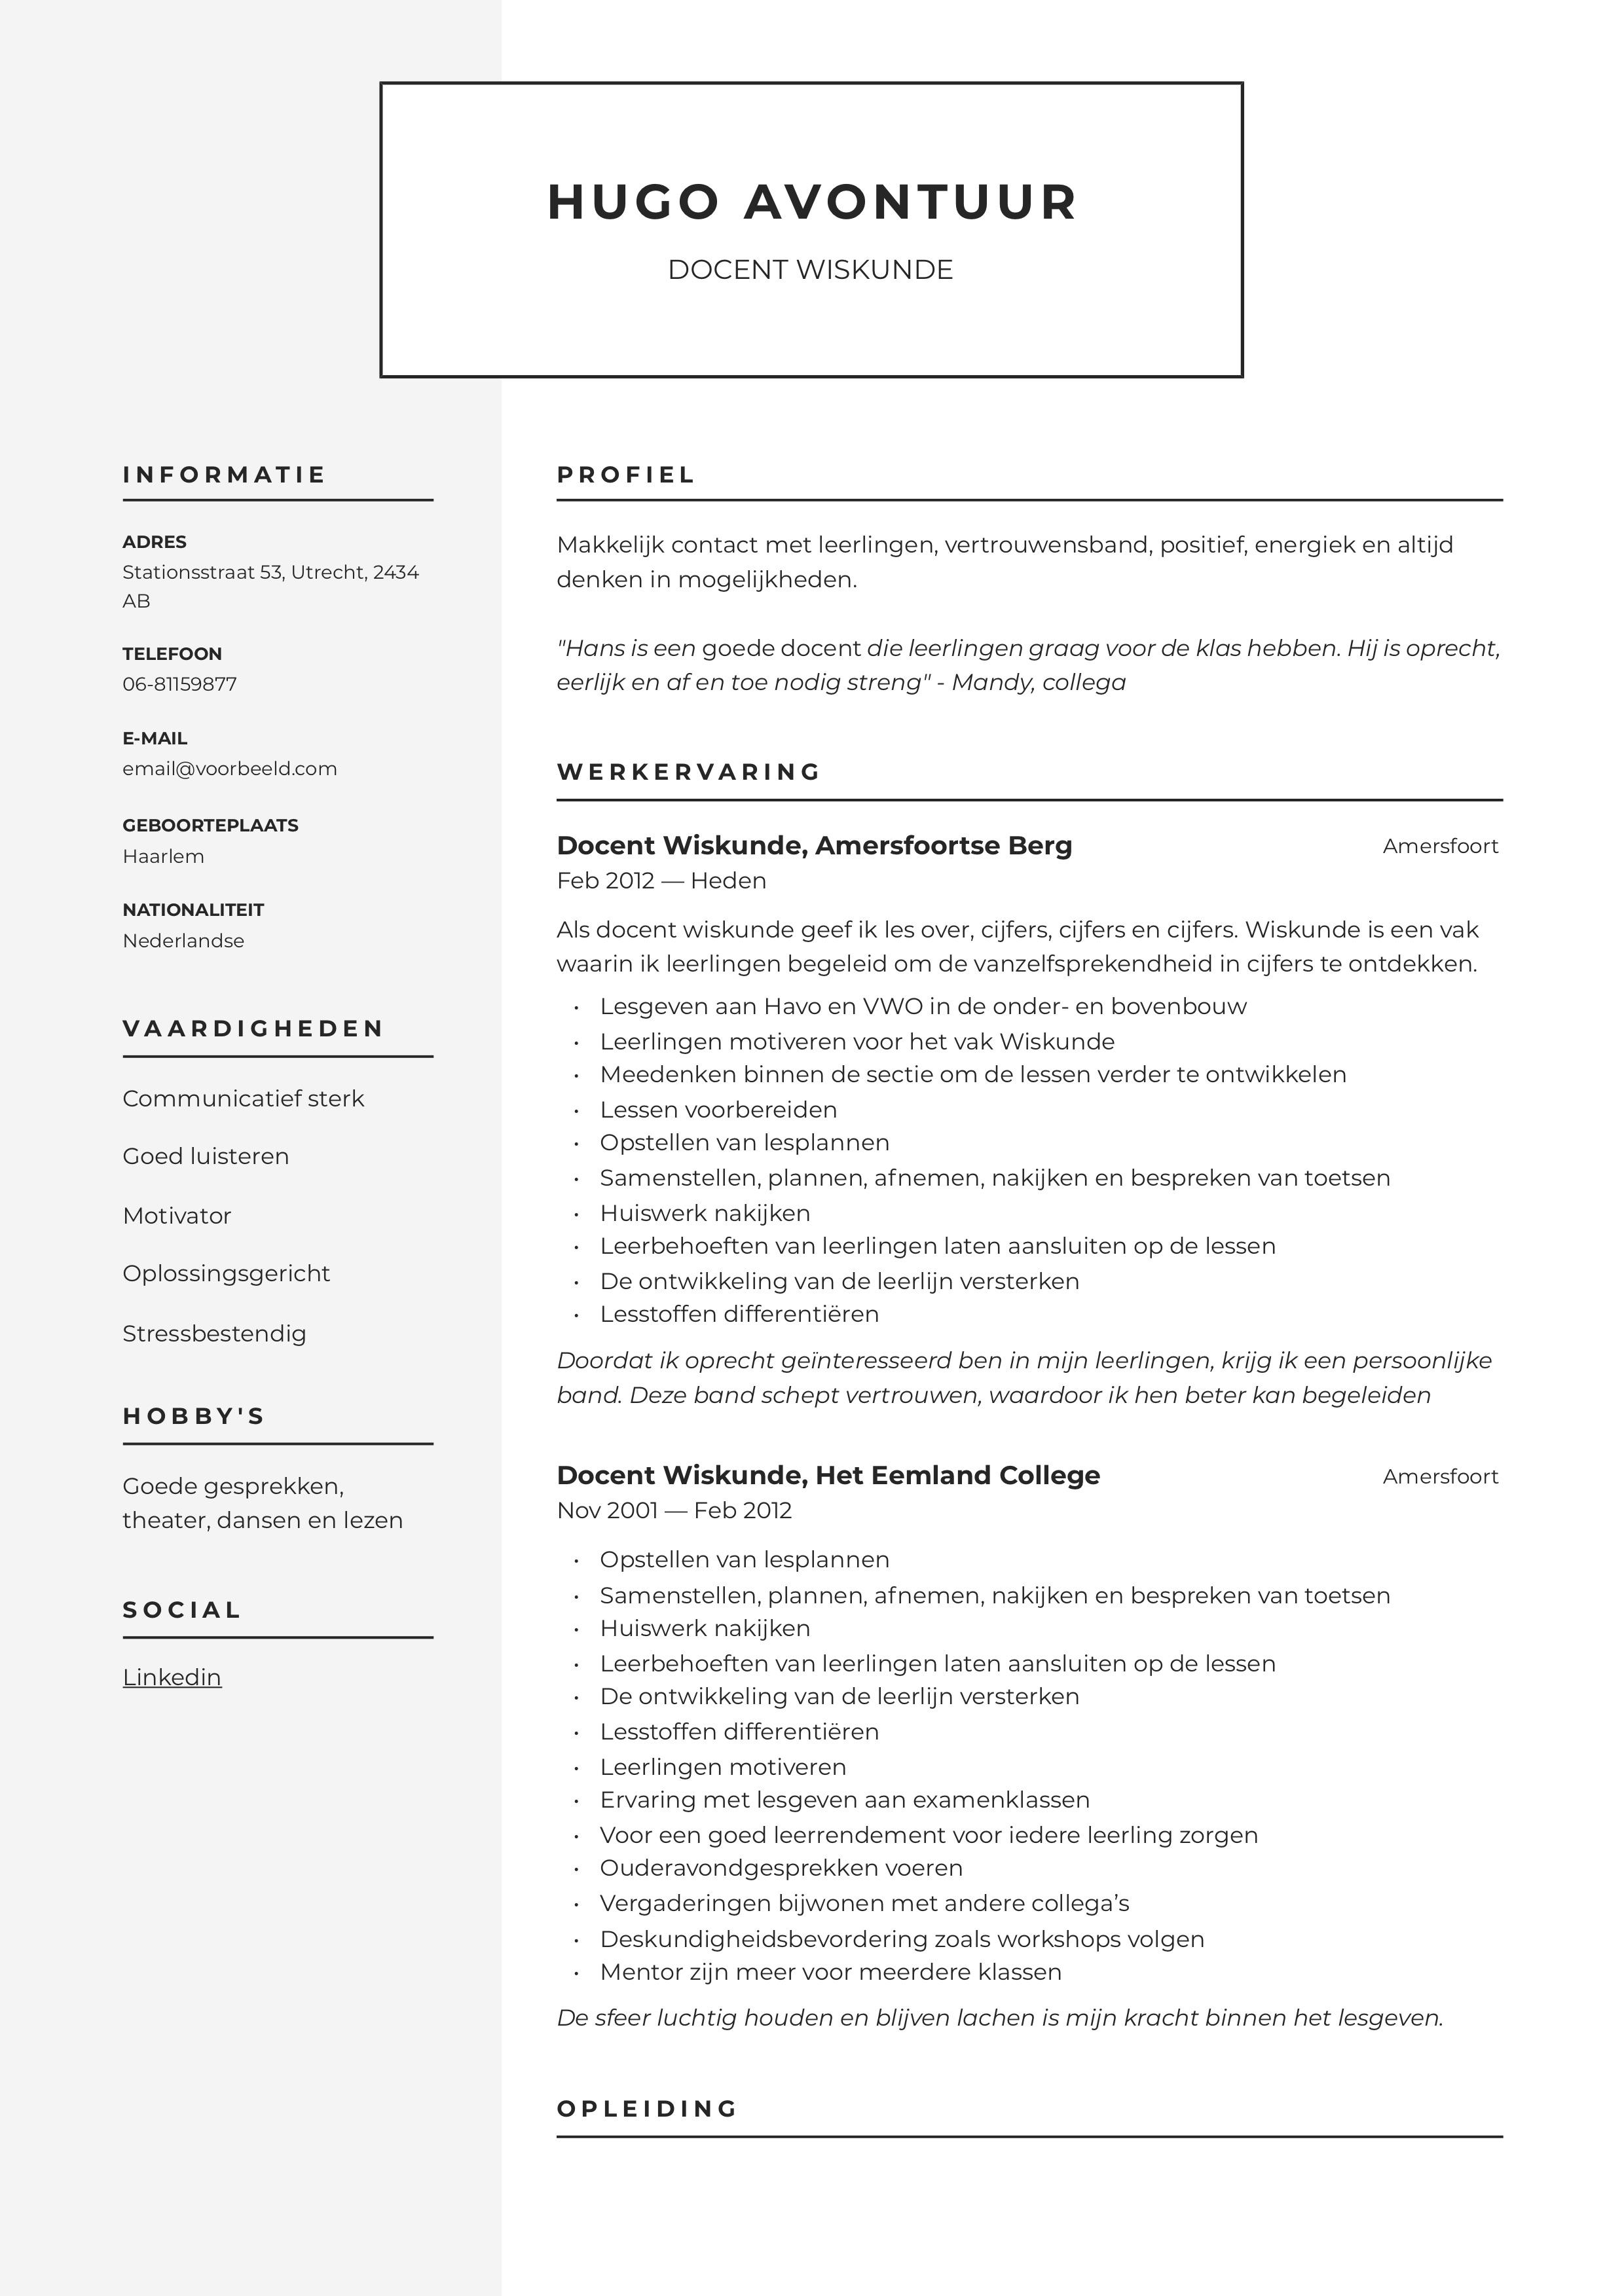 CV Docent Wiskunde